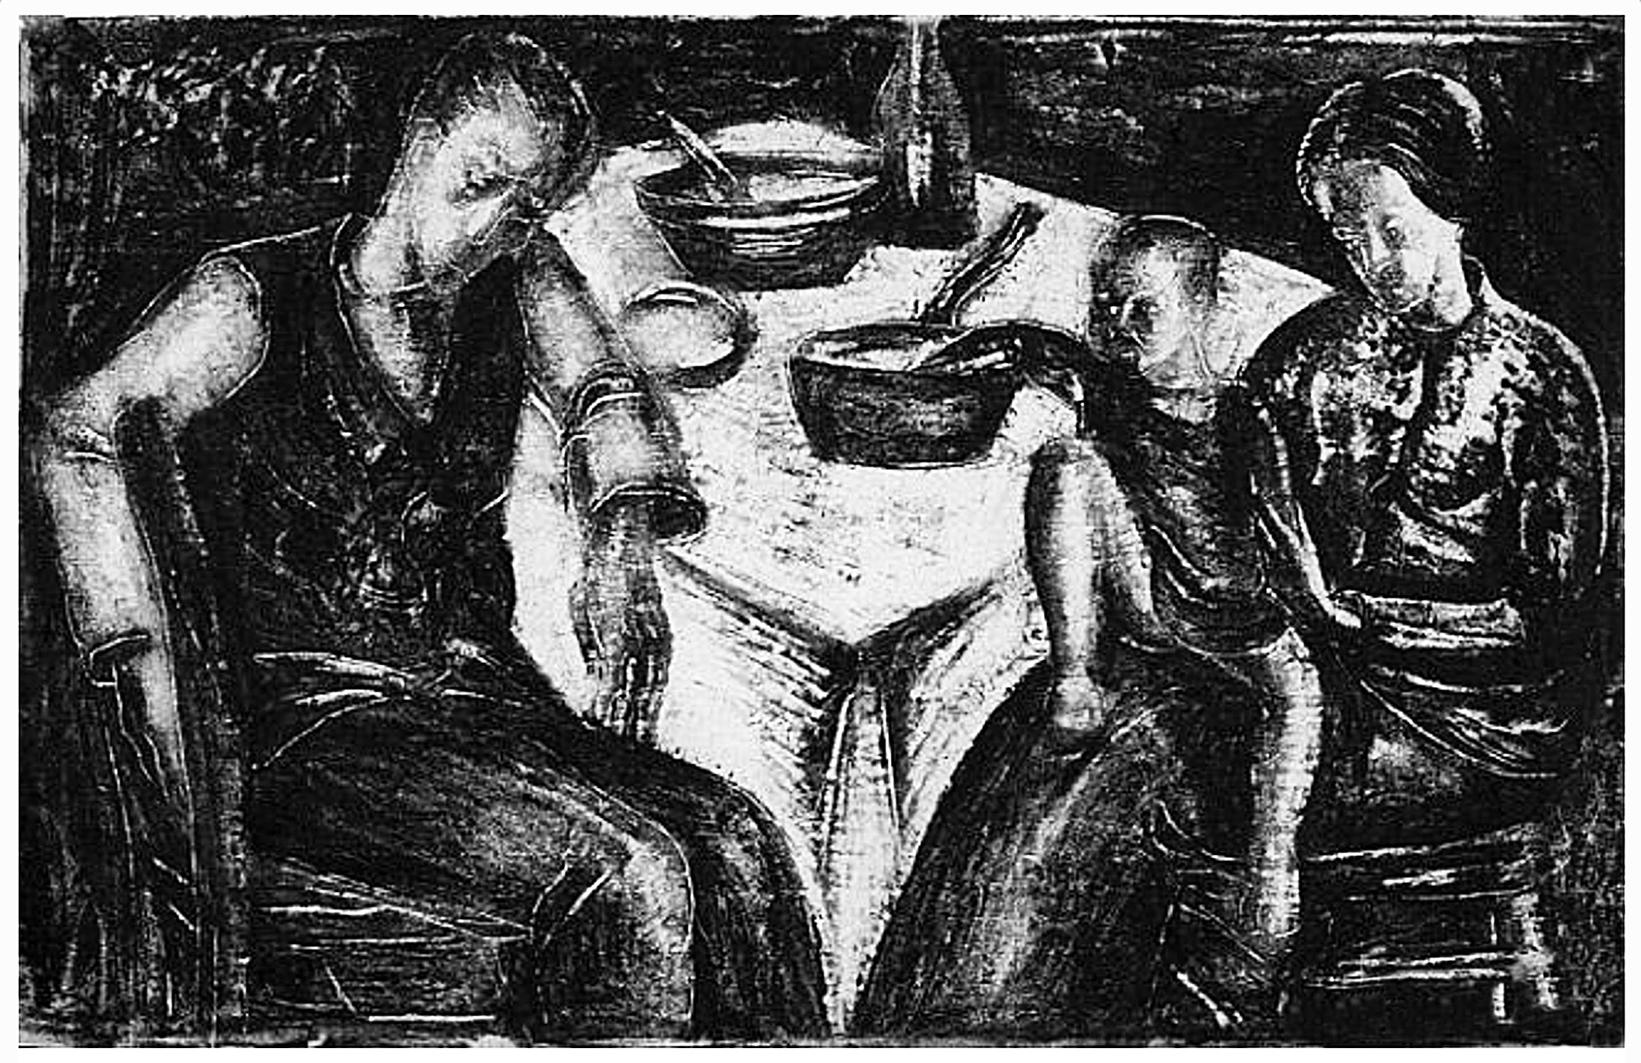 Давід Сейфер. Родина за столом, 1925, дереворит